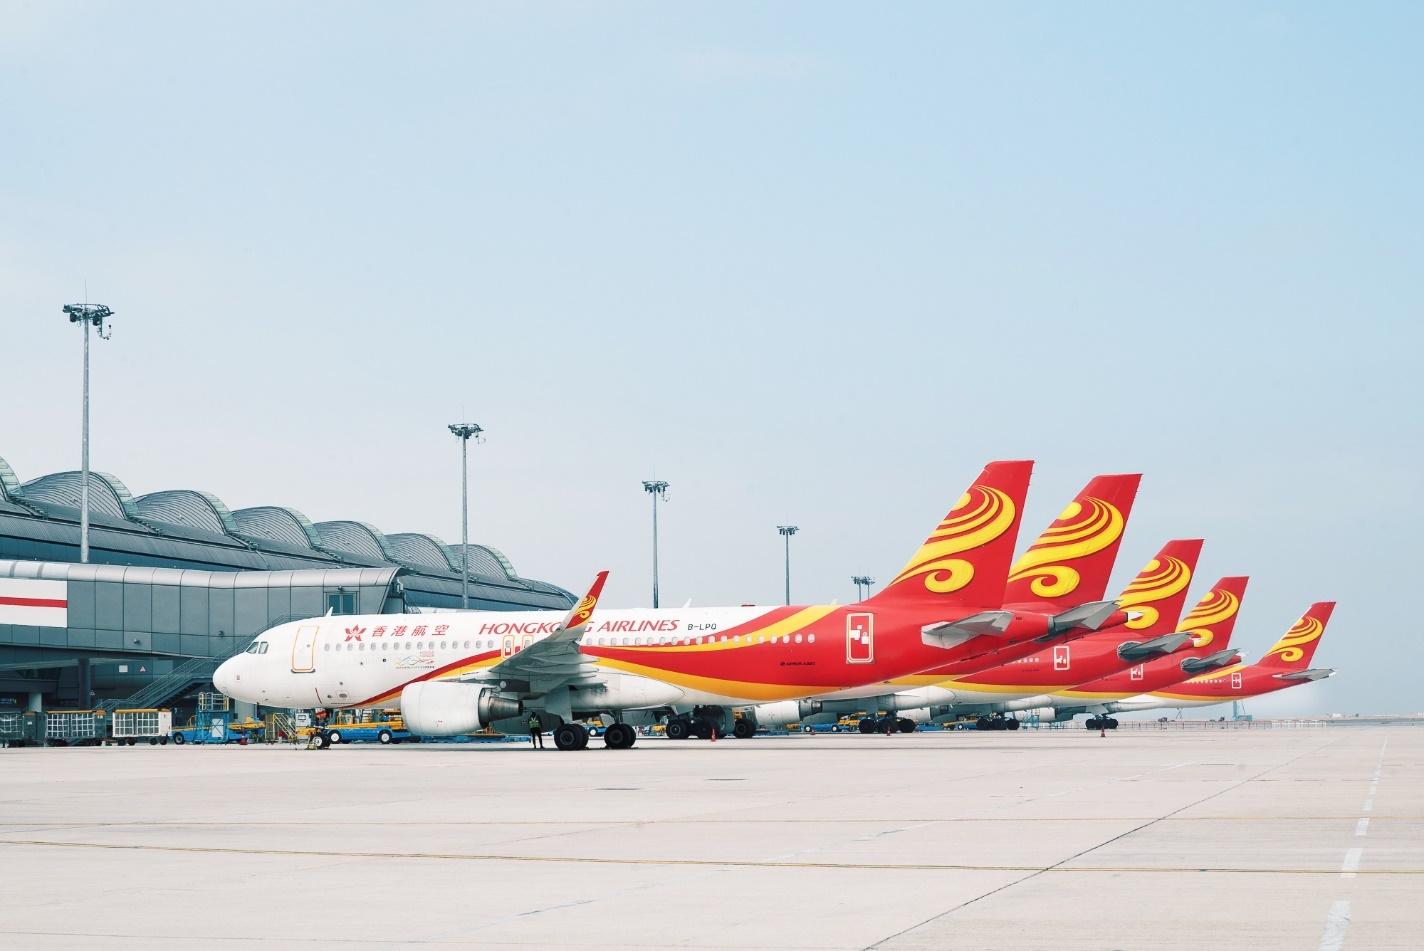 香港航空伴你安全飞行 为前线员工和乘客加强多项防疫措施